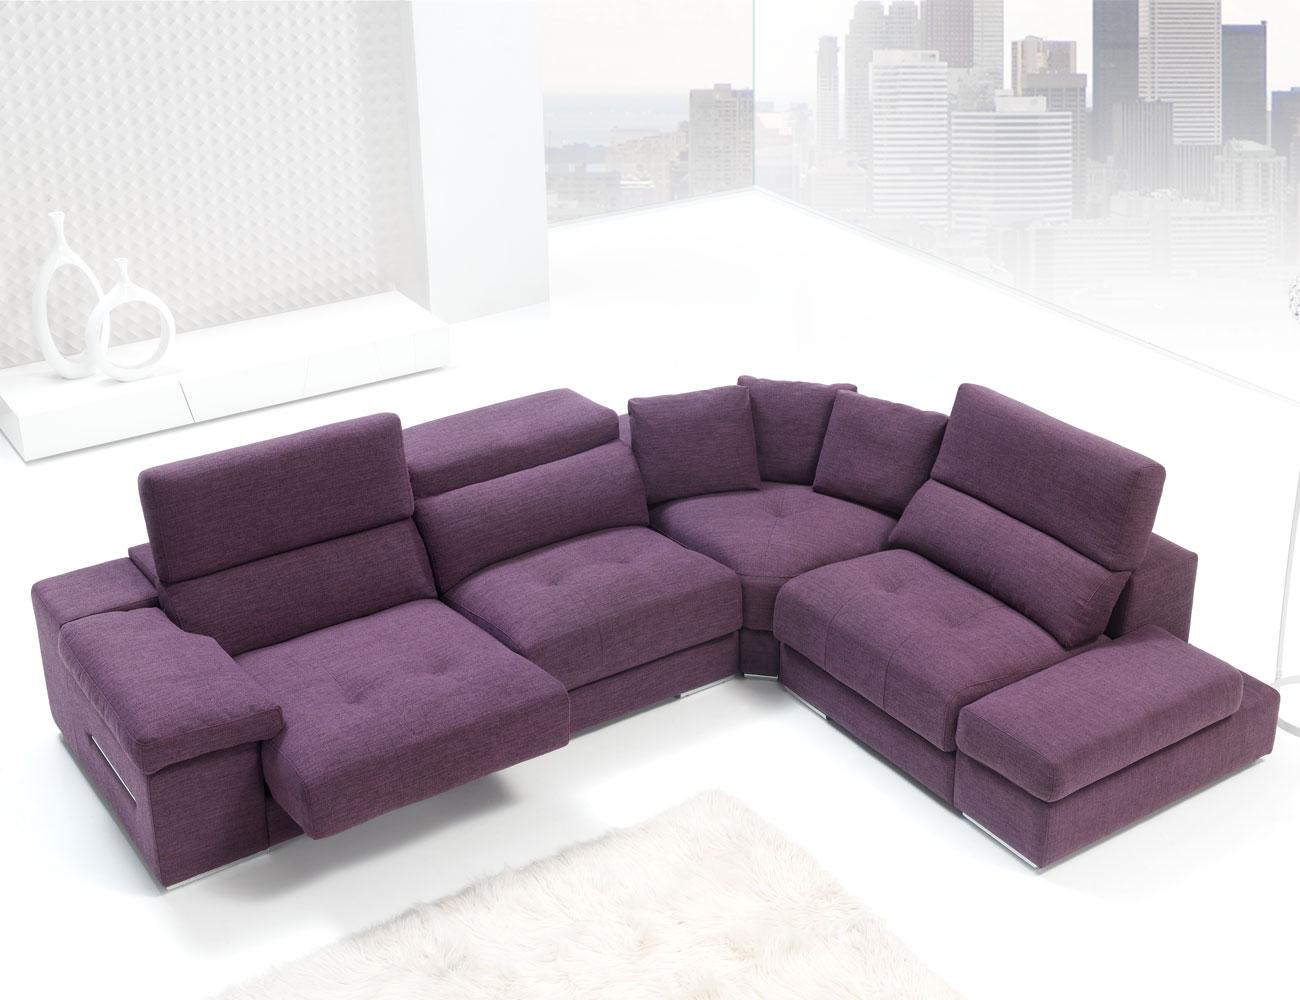 Sofa chaiselongue rincon con brazo mecanico tejido anti manchas 225